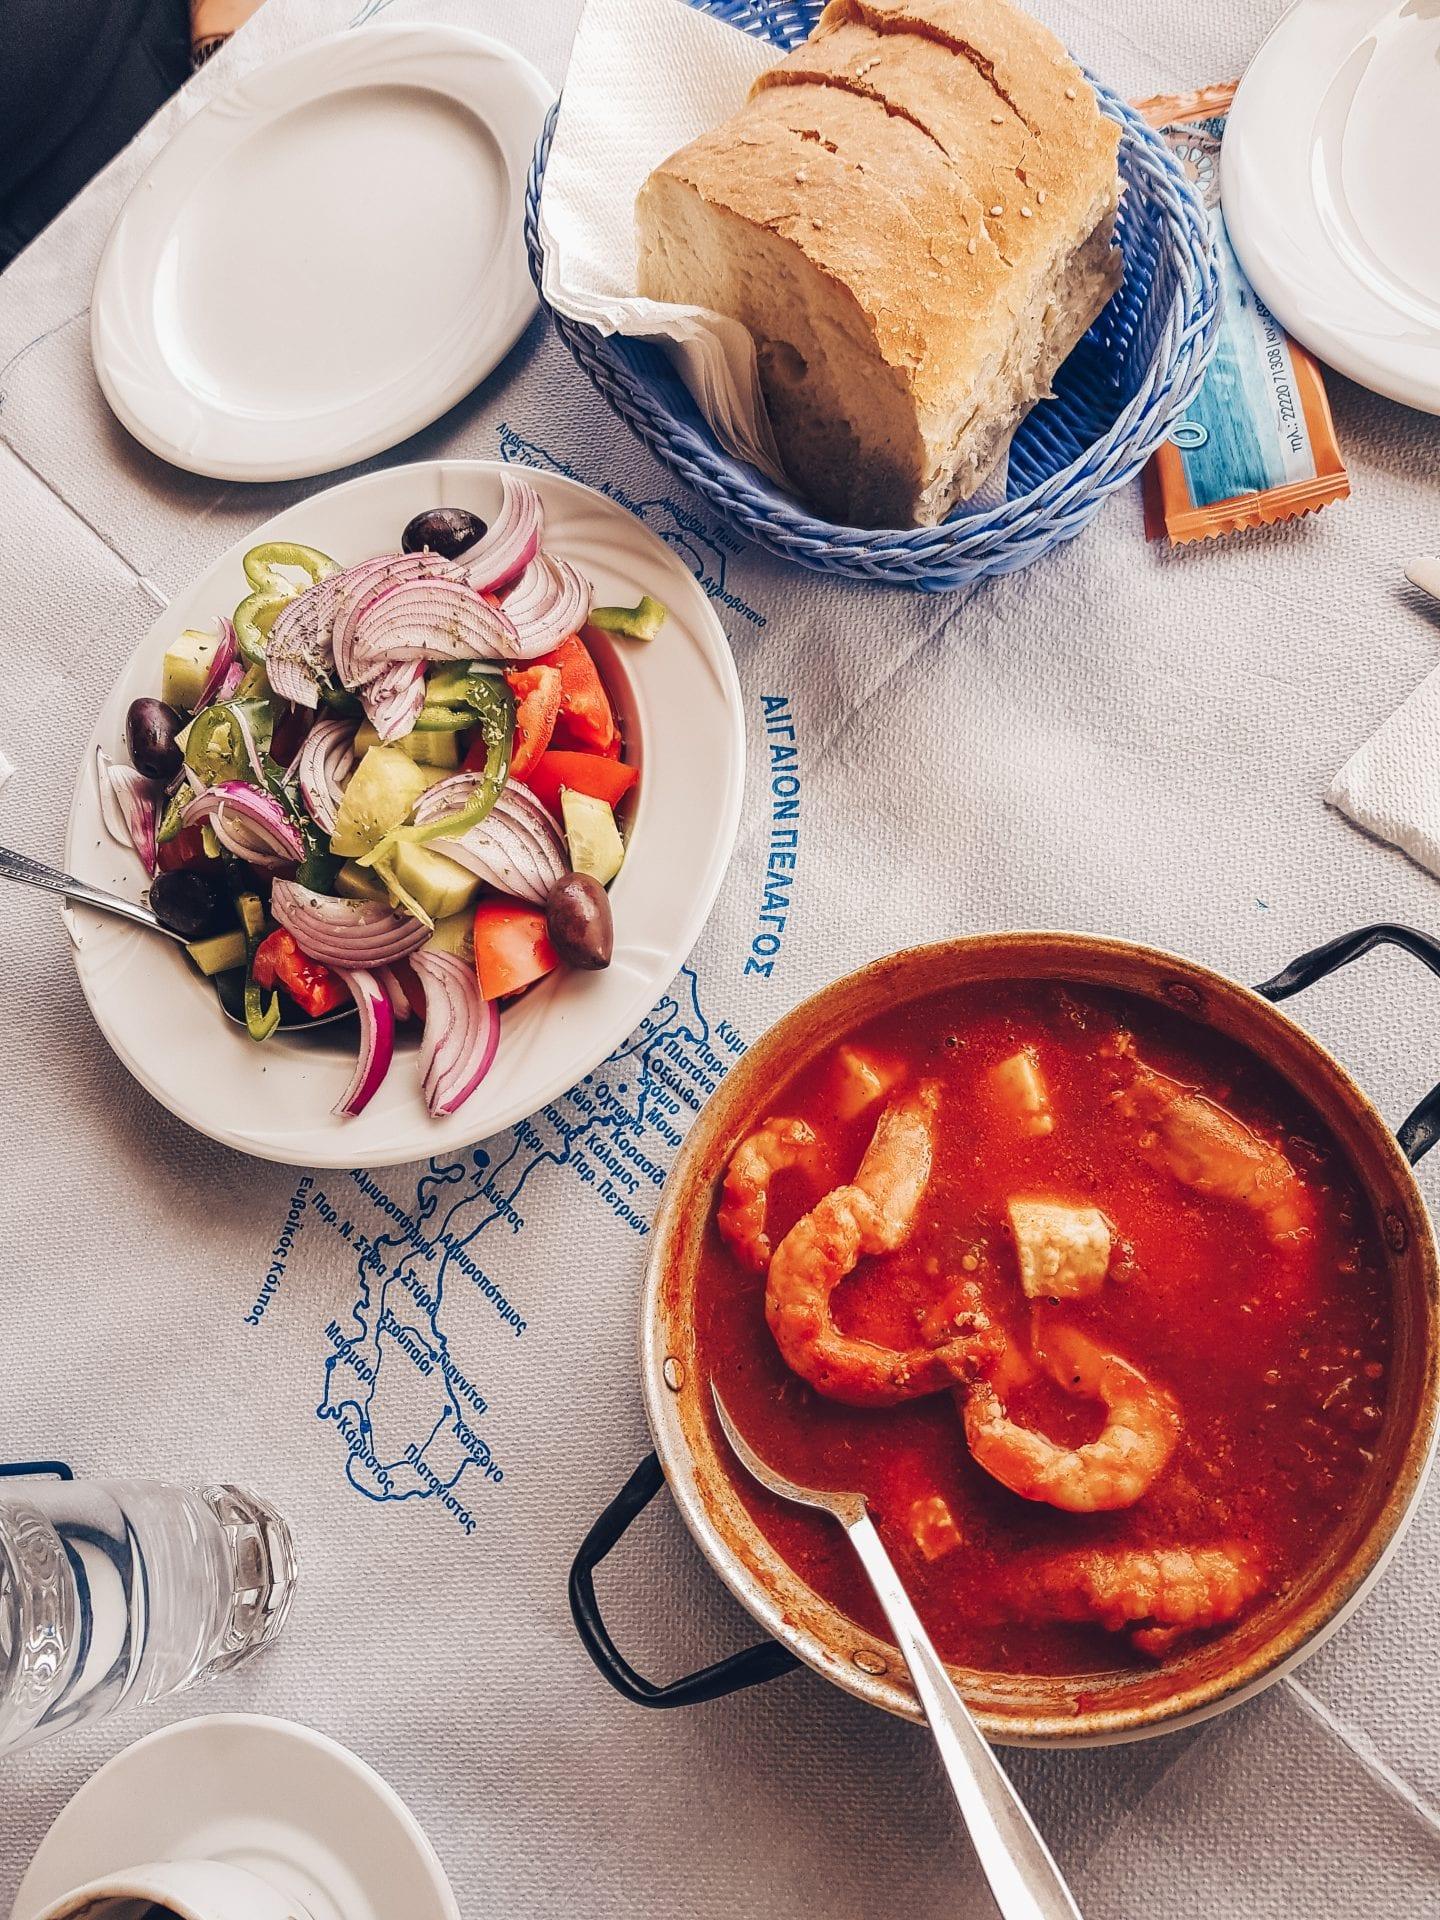 greek food on table